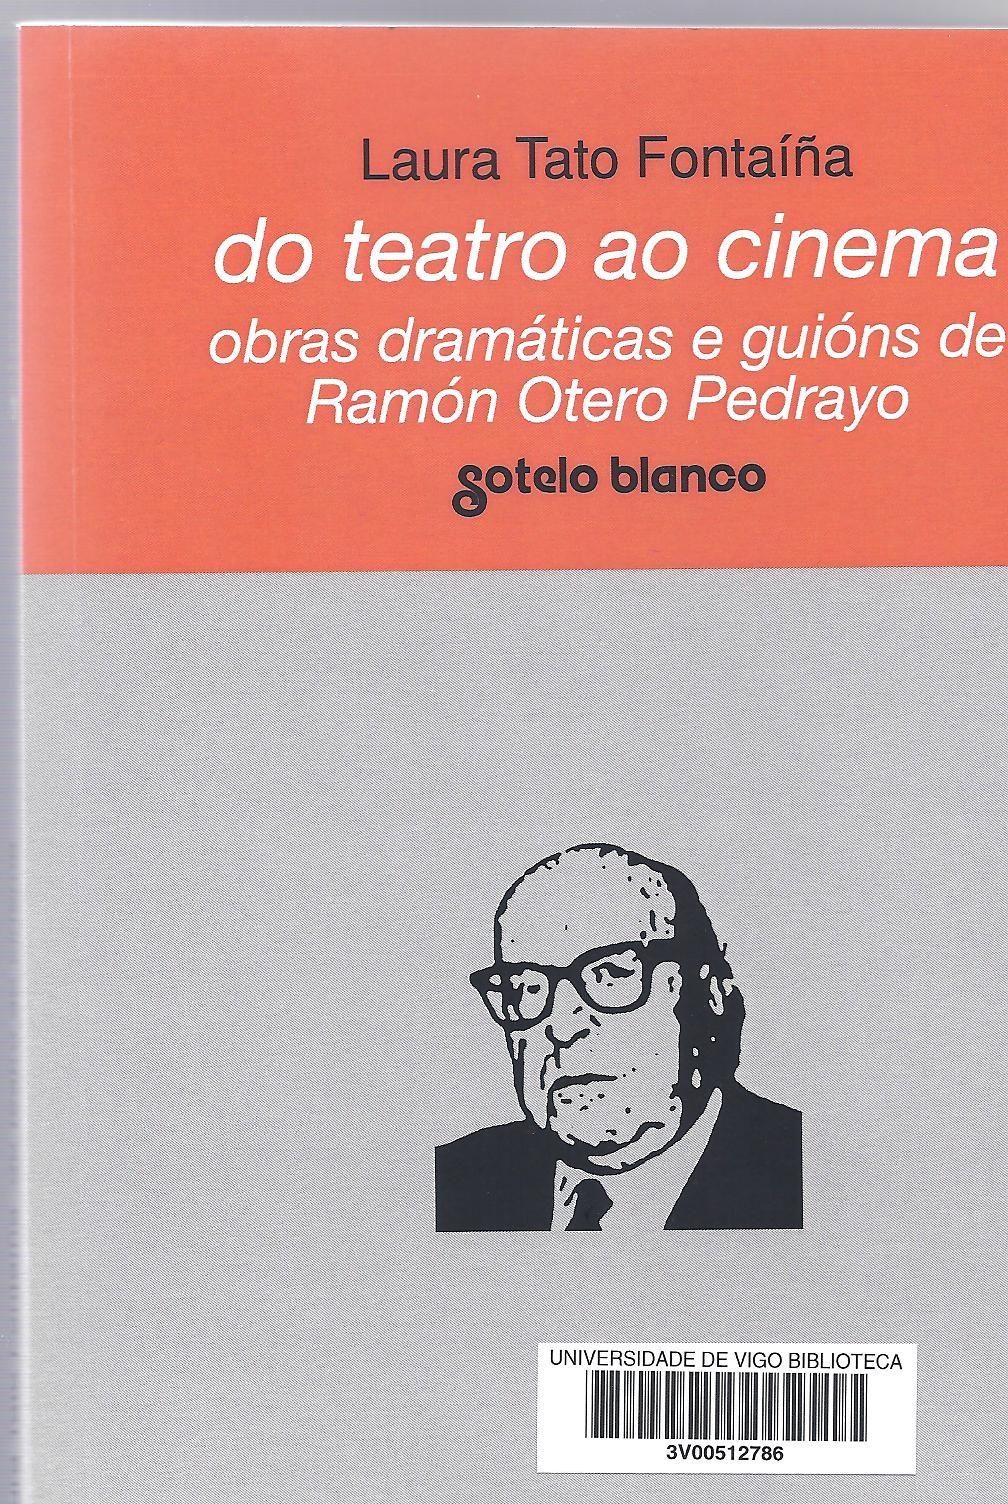 Do teatro ao cinema : obras dramáticas e guións de Ramón Otero Pedrayo / Laura Tato Fontaíña